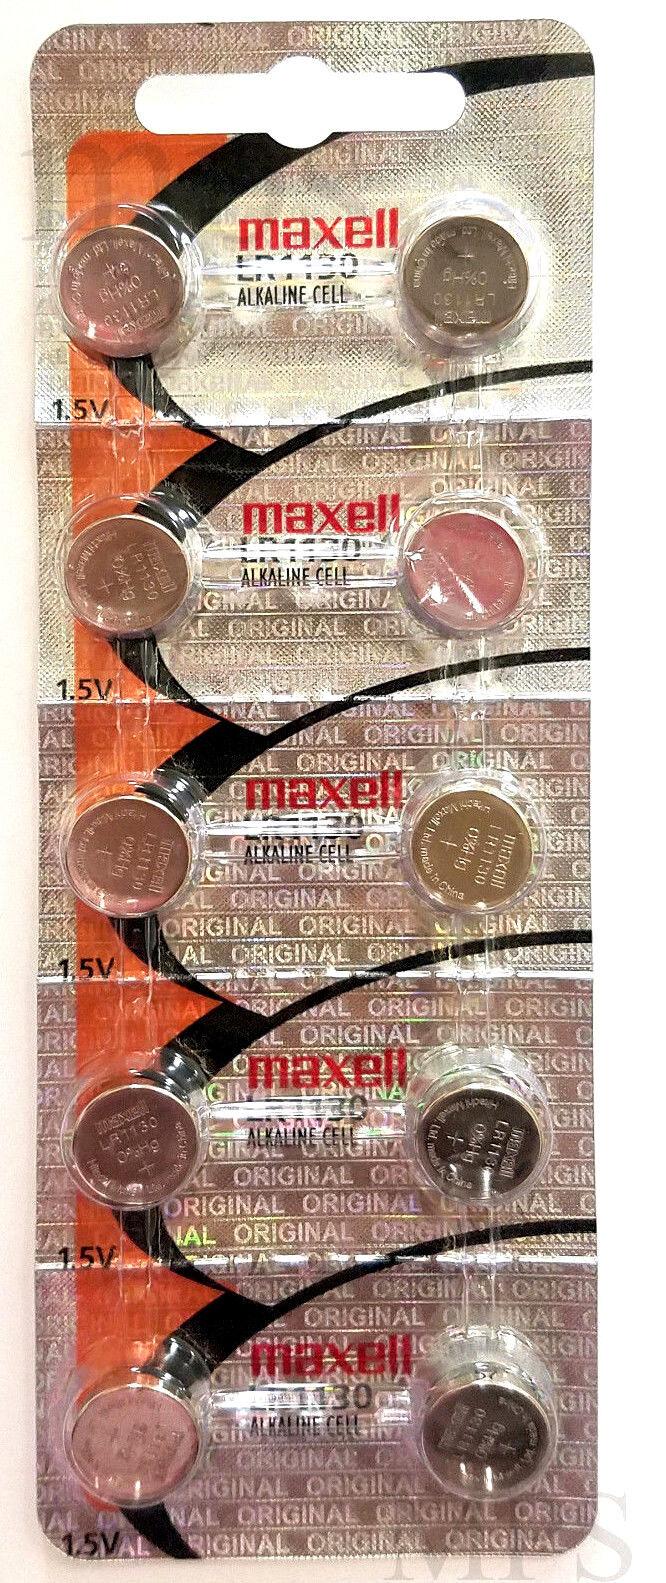 Купить Maxell LRLR1130 AG10 189 L1131 389 V10GA 1.5V - 10 Original Maxell LR1130 AG10 389 390 189 L1131 Alkaline Batteries Hologram